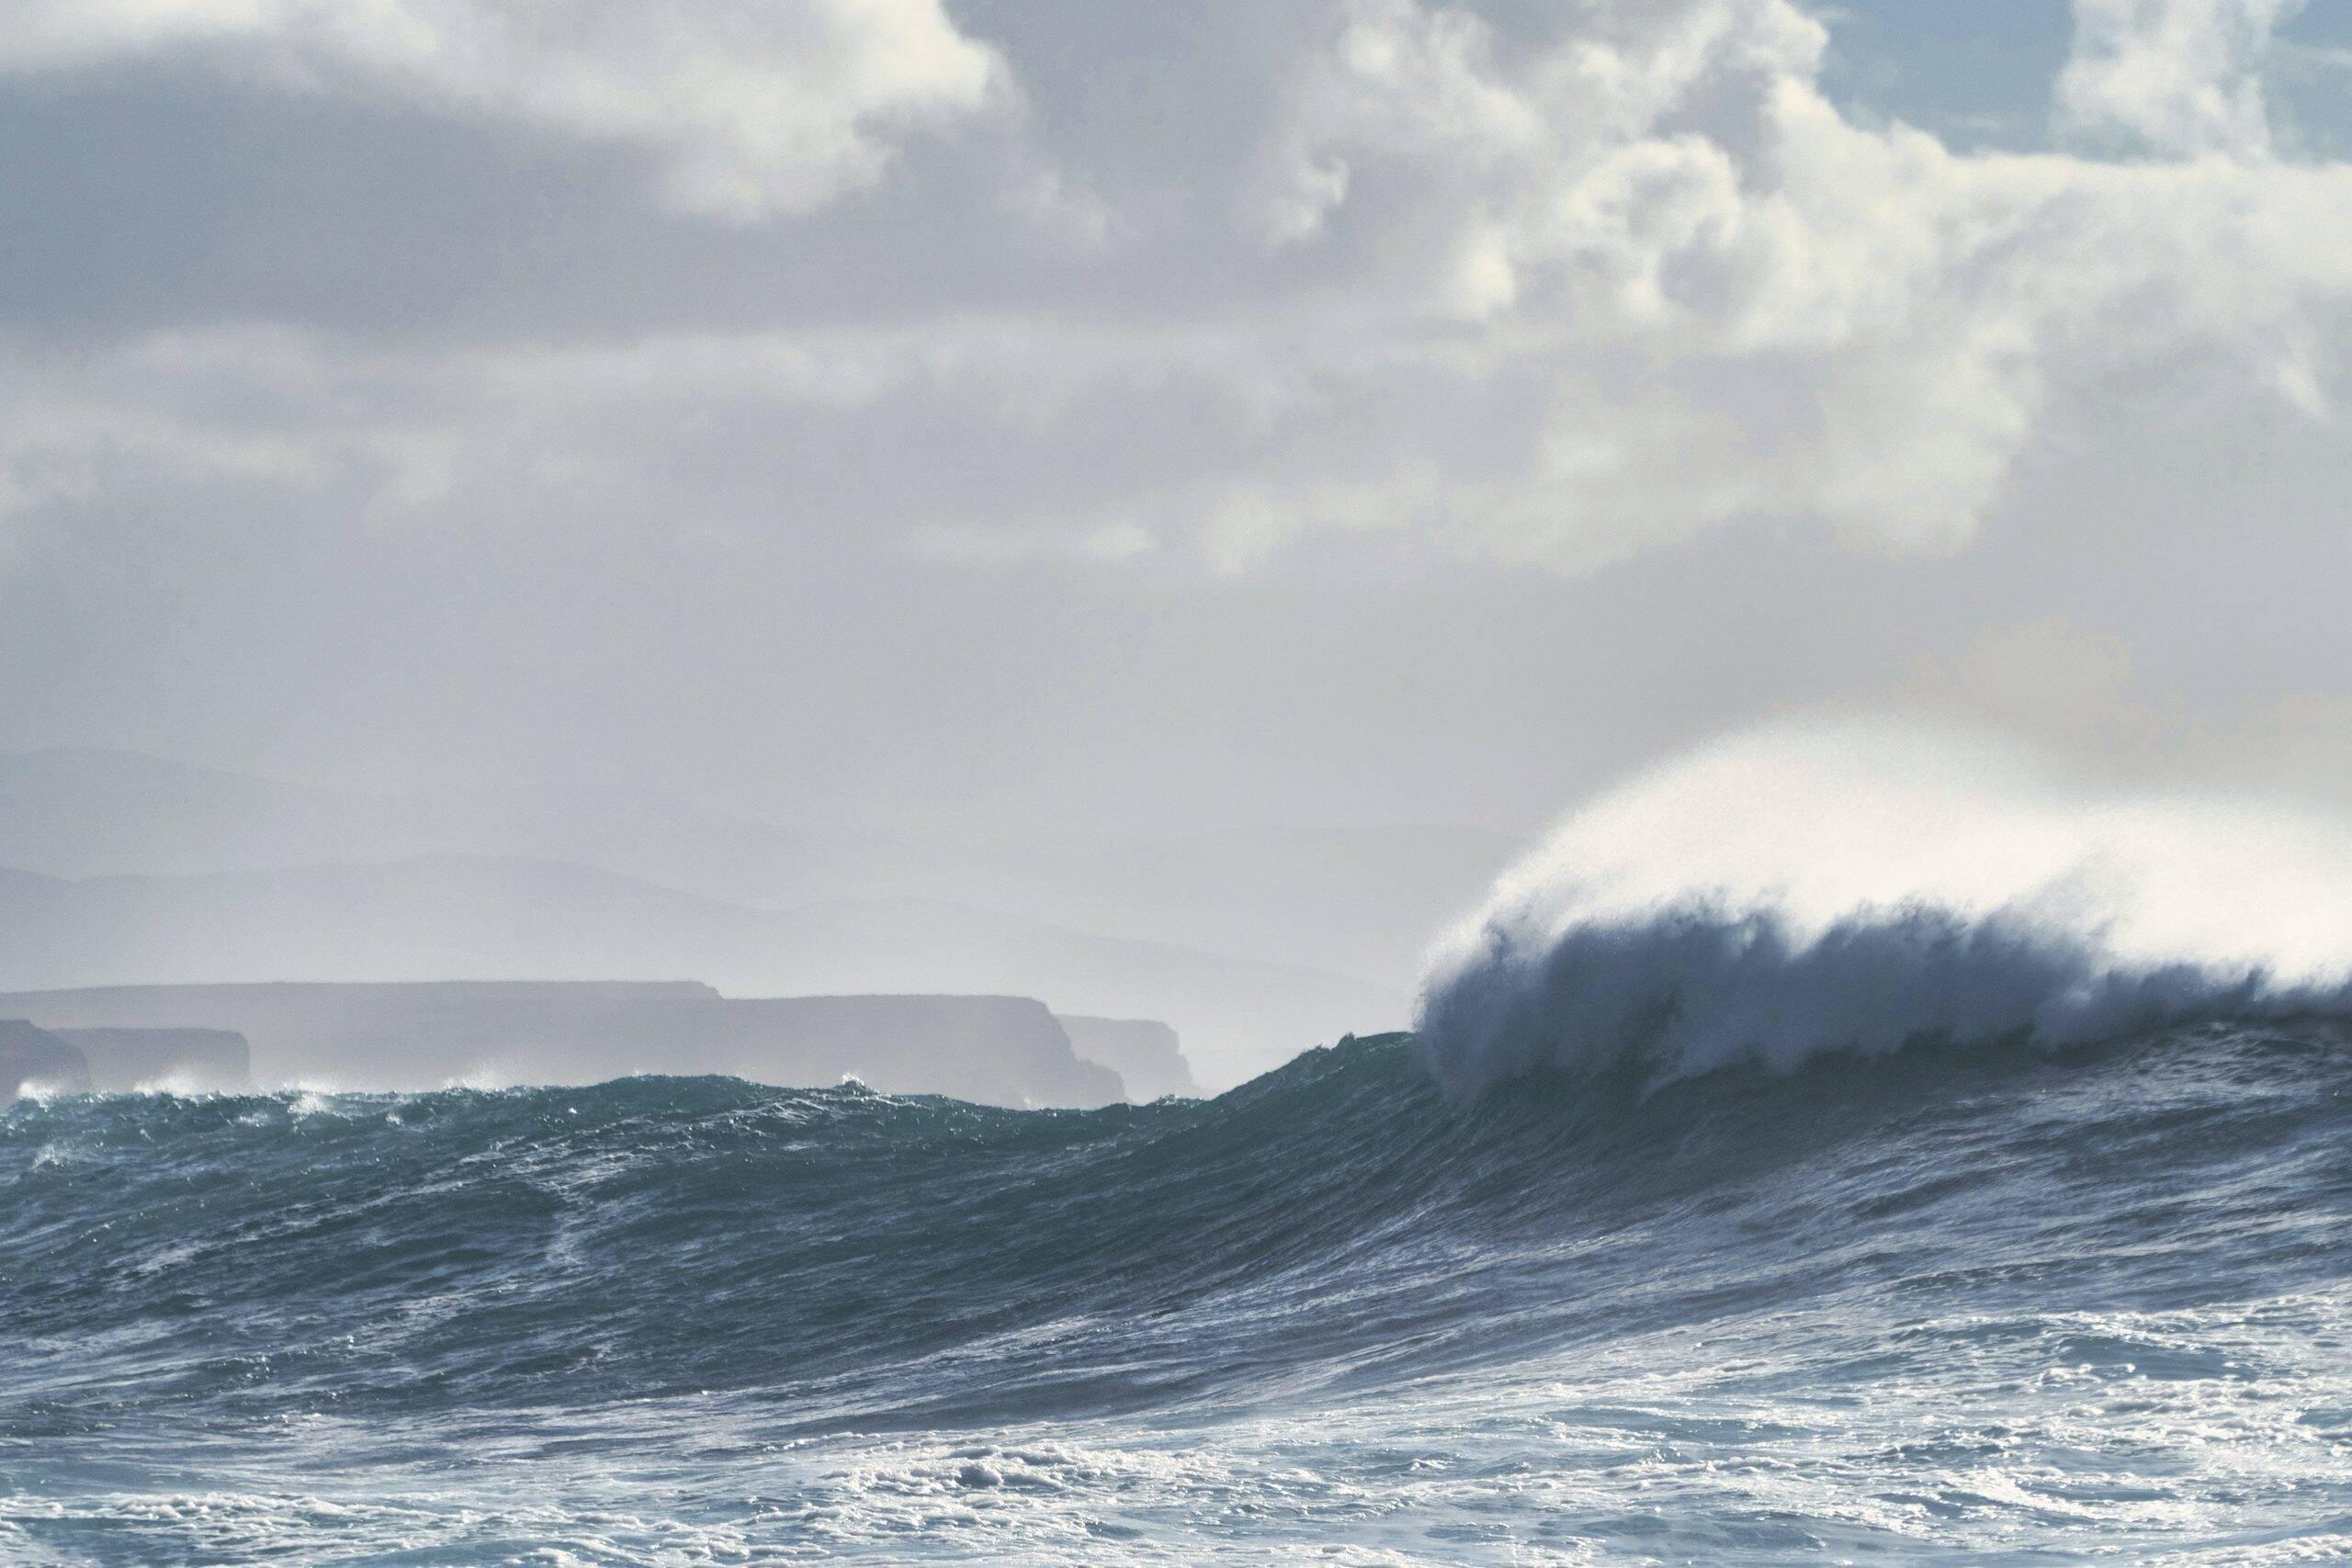 Em 1868, dois terremotos causaram um tsunami de magnitude 8.5. (Foto: Unsplash)